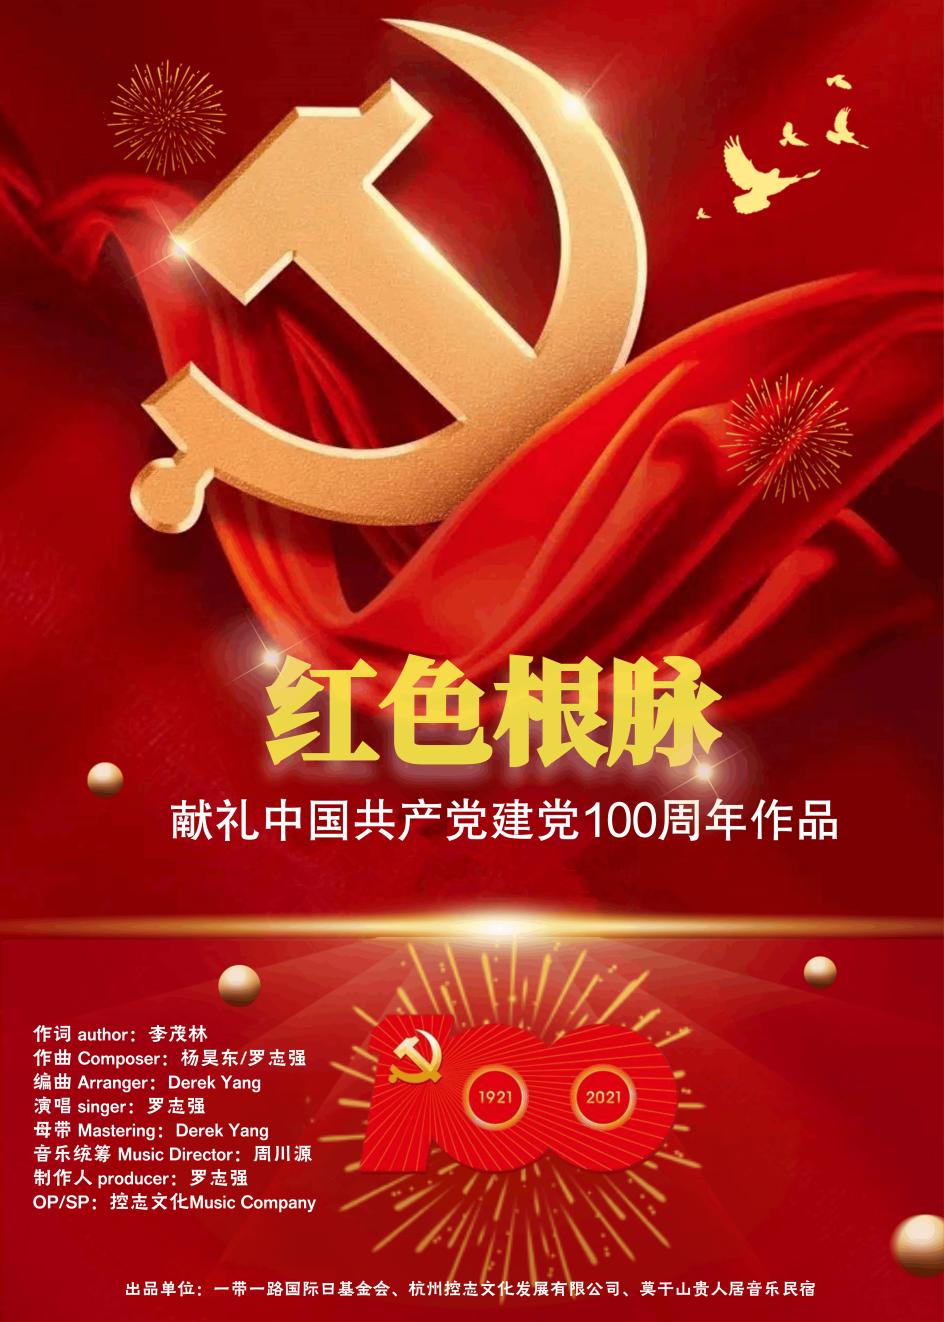 《红色根脉》献礼中国共产党建党100周年作品 党庆特辑